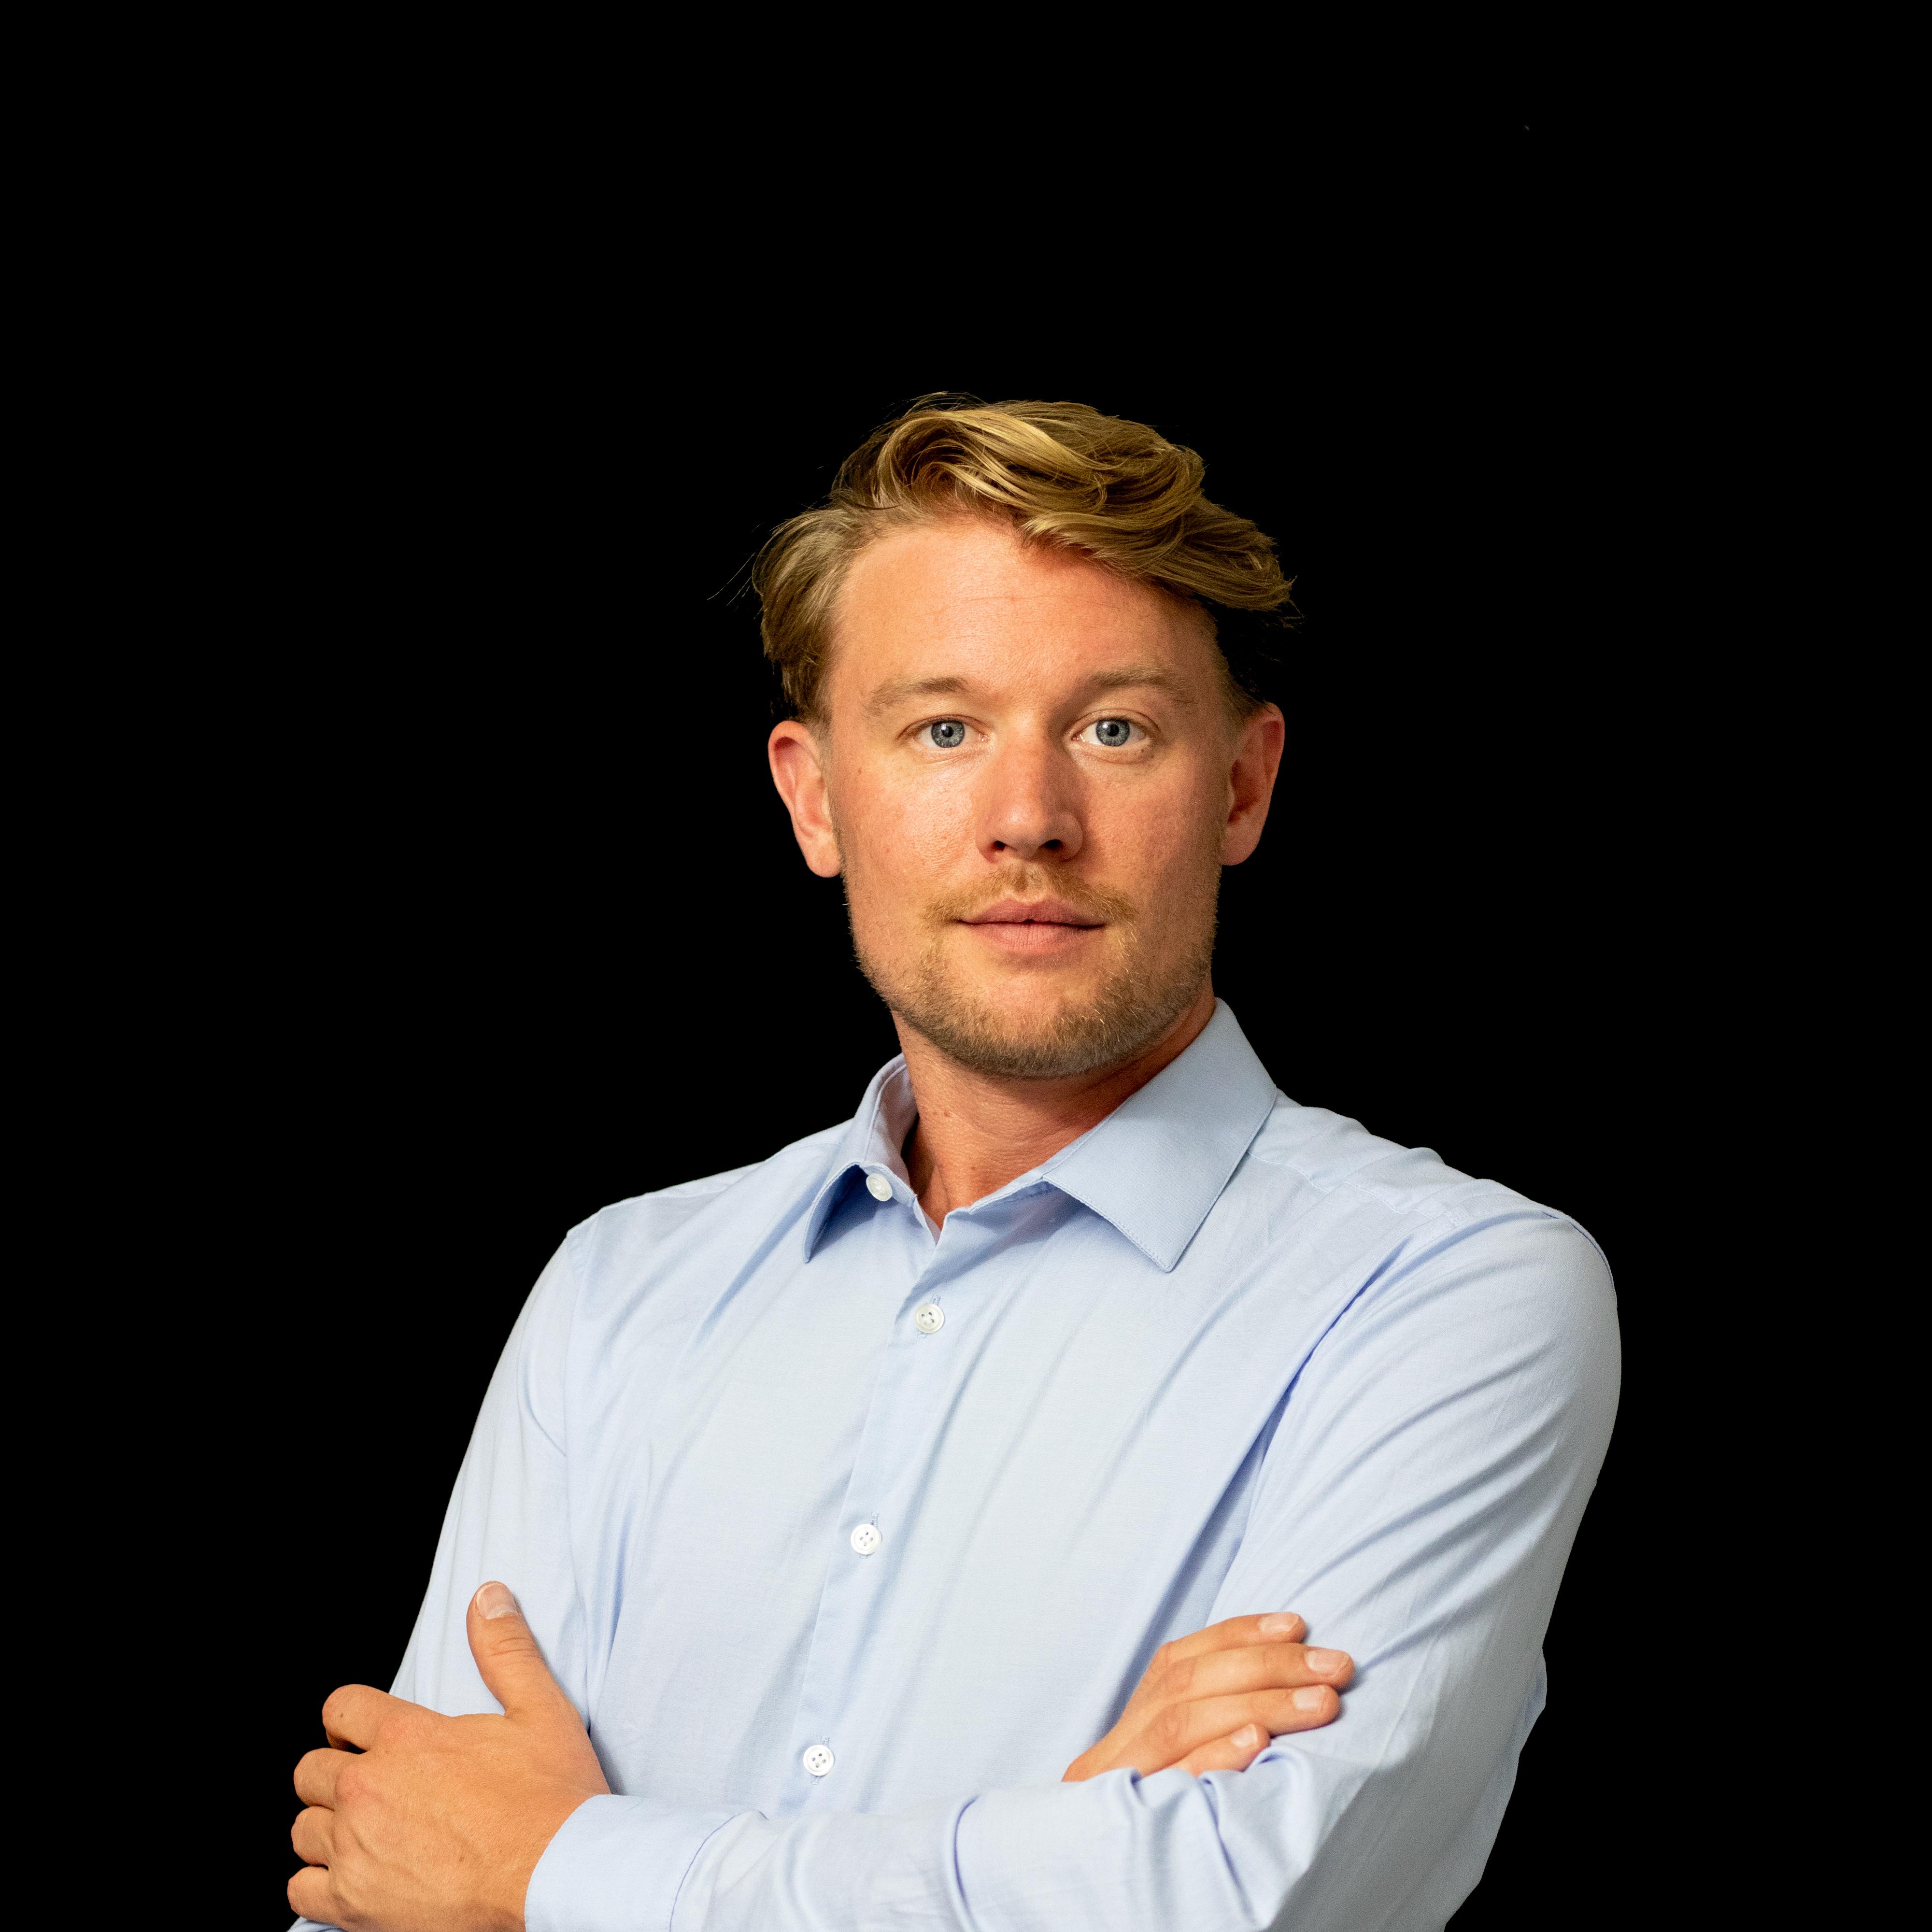 Maarten Oostland